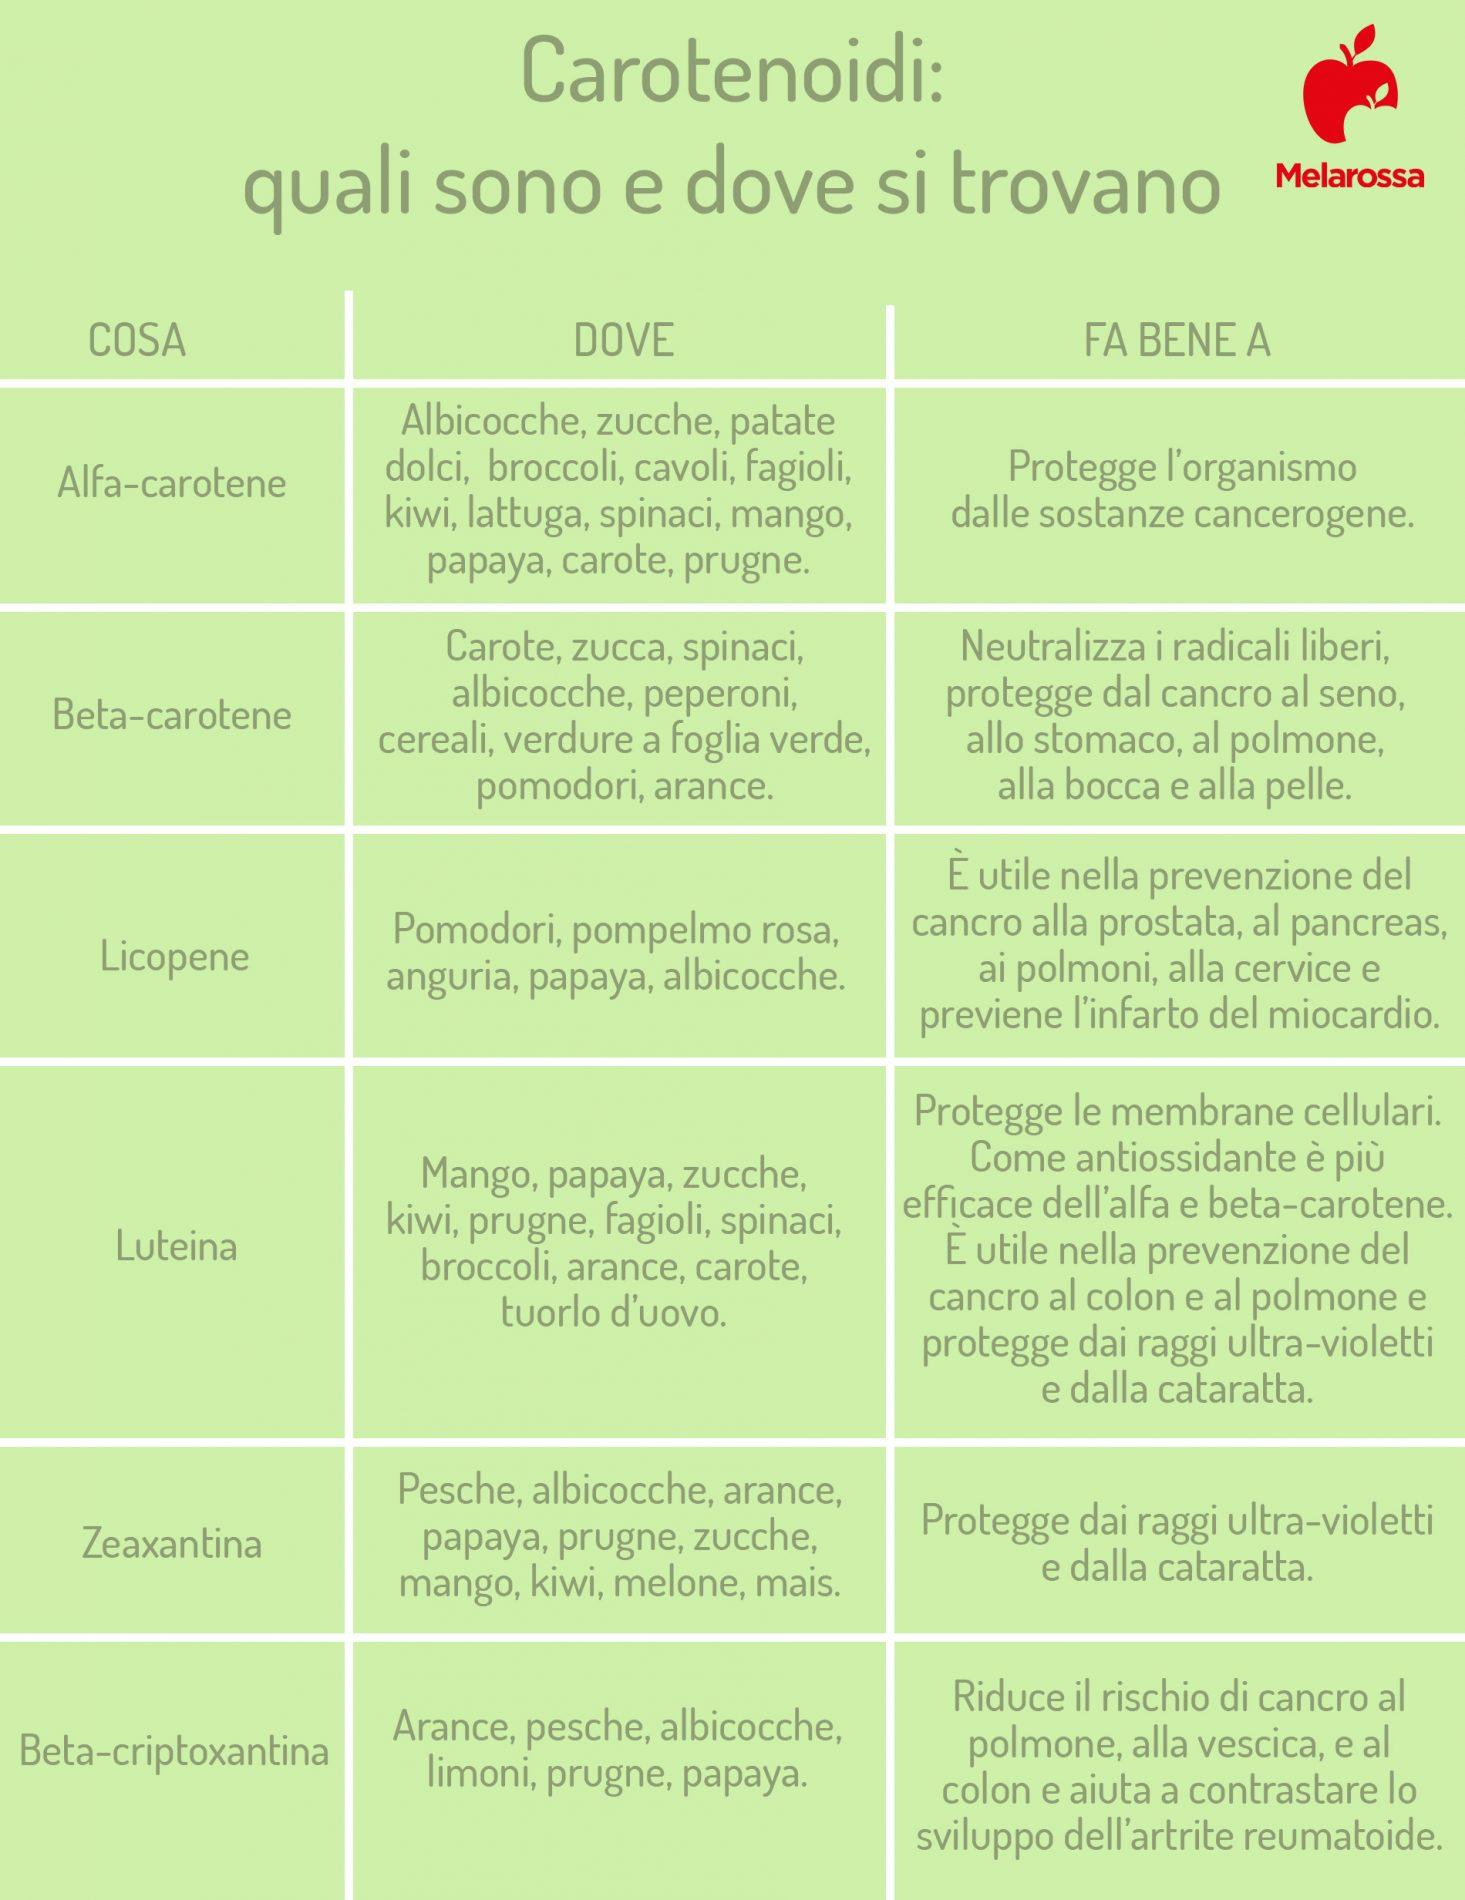 carotenoidi: quali sono, dove si trovano e benefici